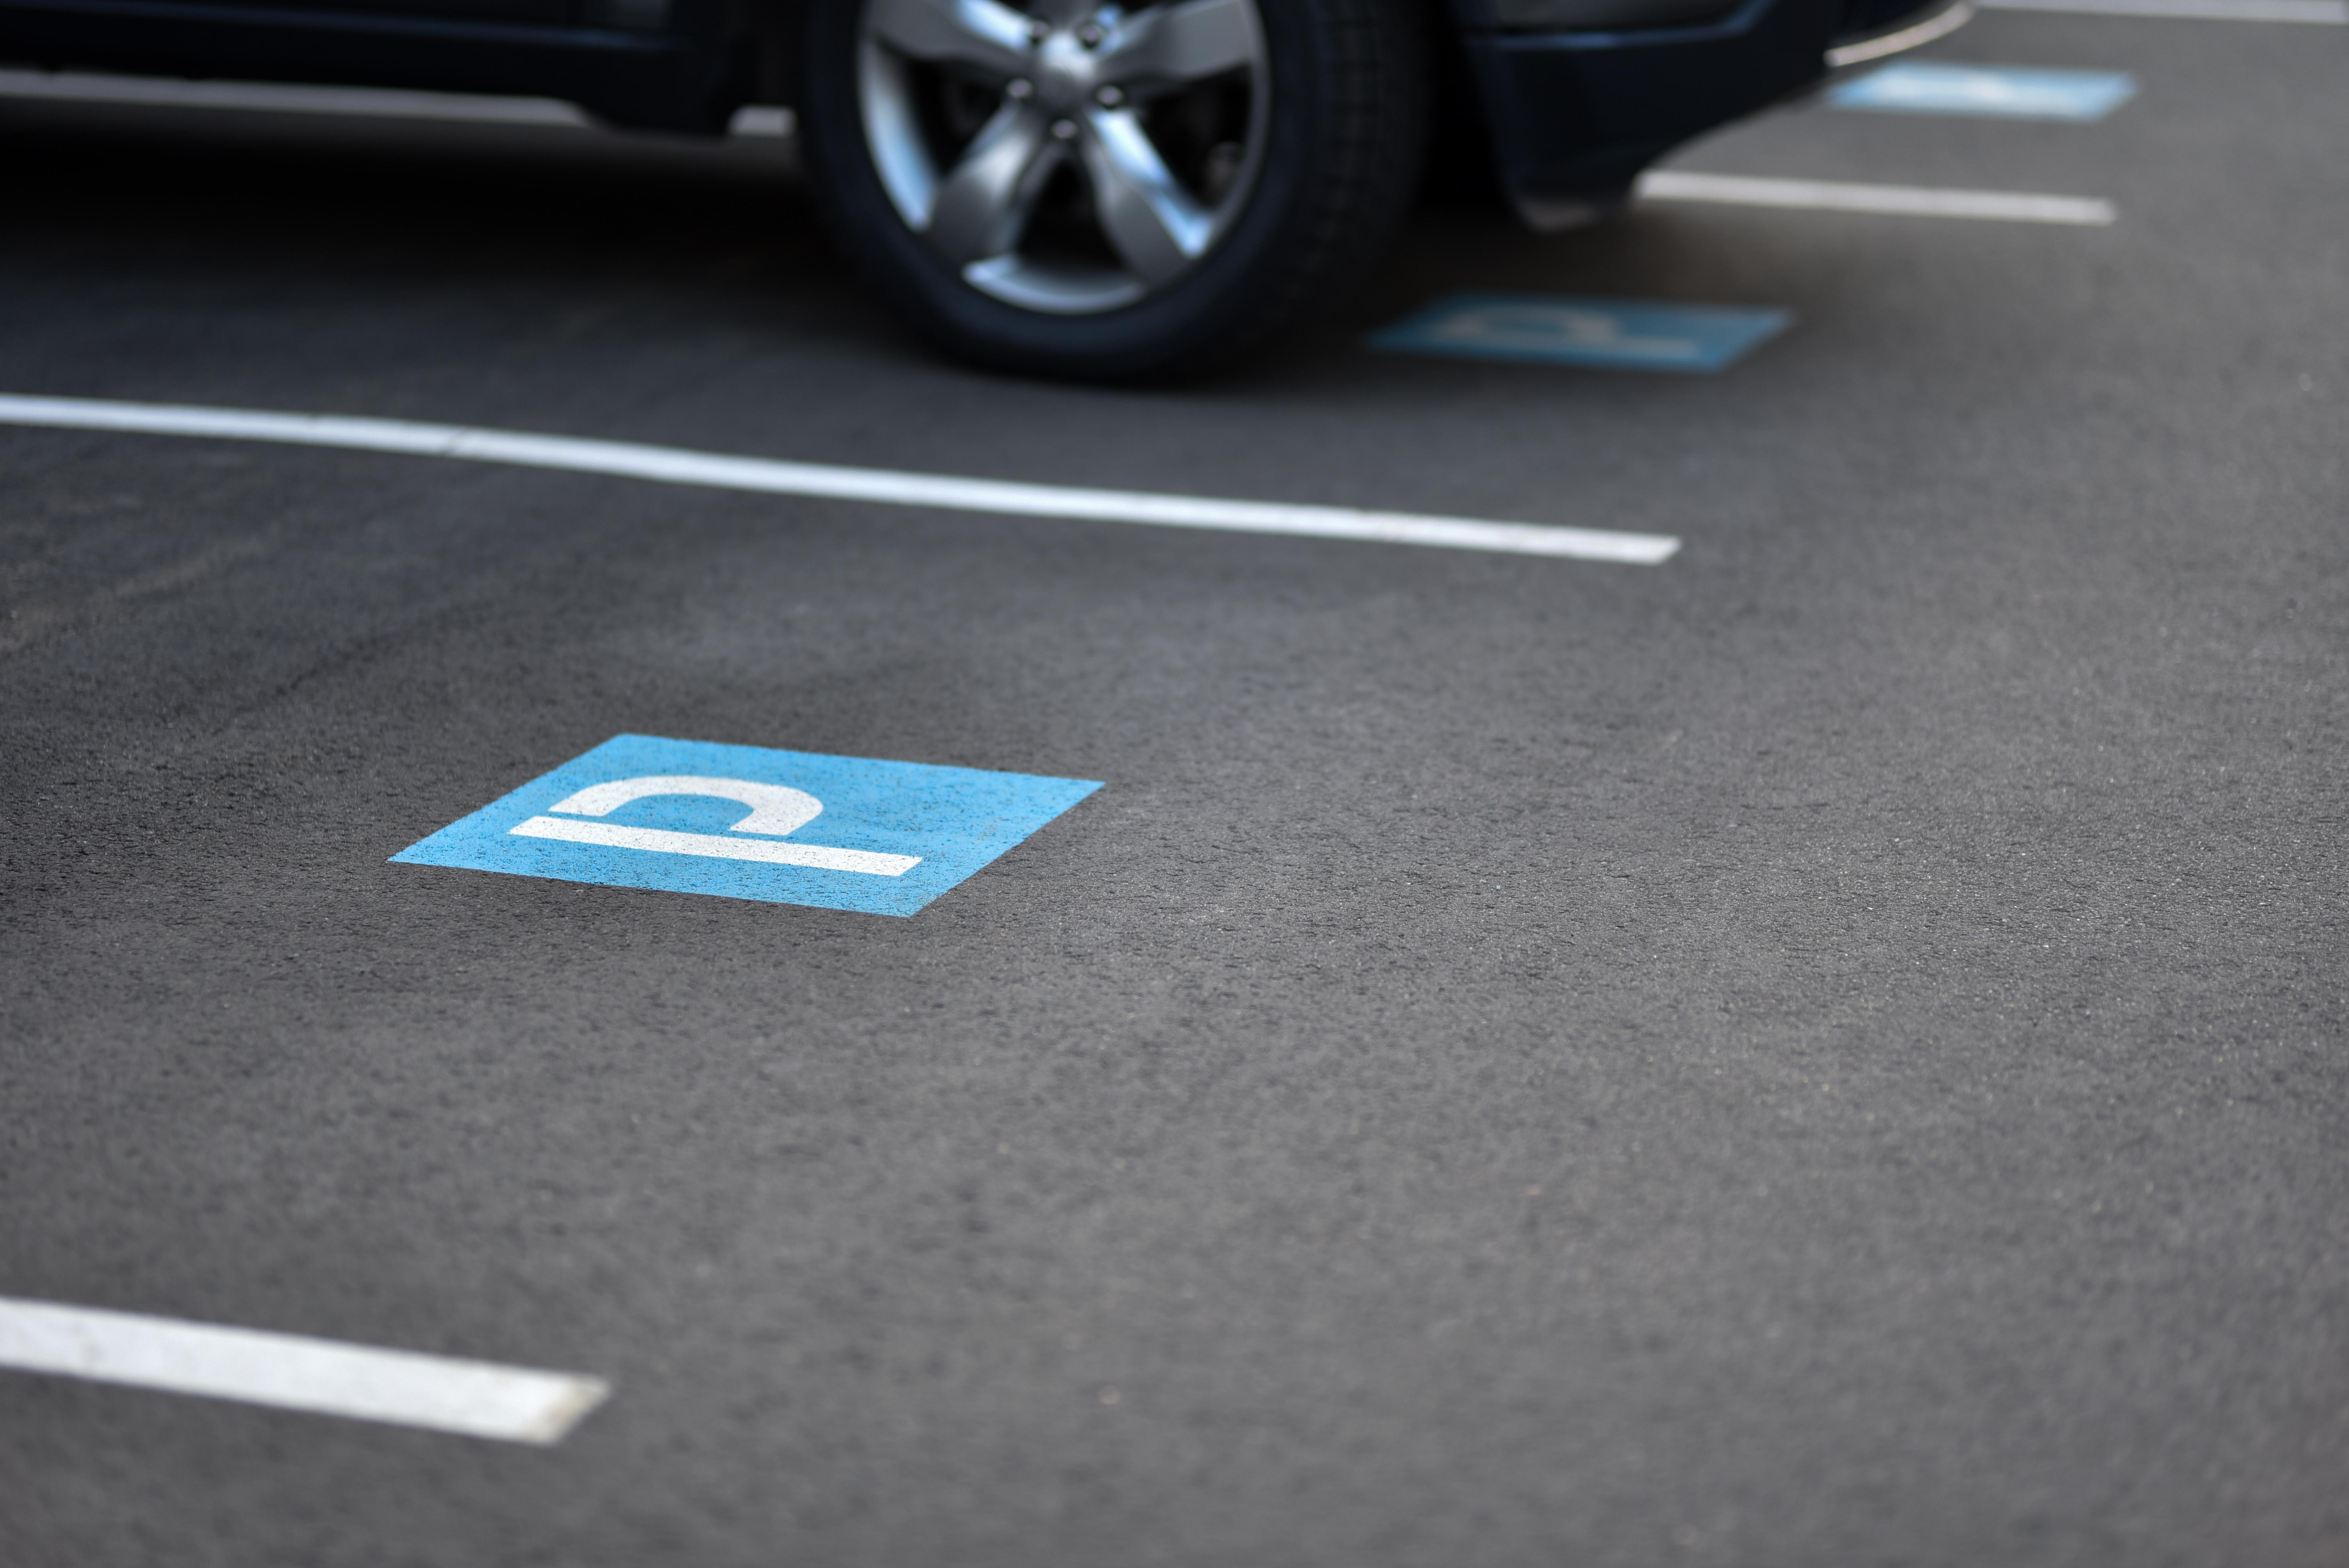 <p>11. Унгария<br /> Намирането на място за паркиране, което не струва цяло състояние, може да бъде трудно на много места, но в Будапеща е възможно да паркирате колата си за до 4 часа, без да обирате банка.</p>